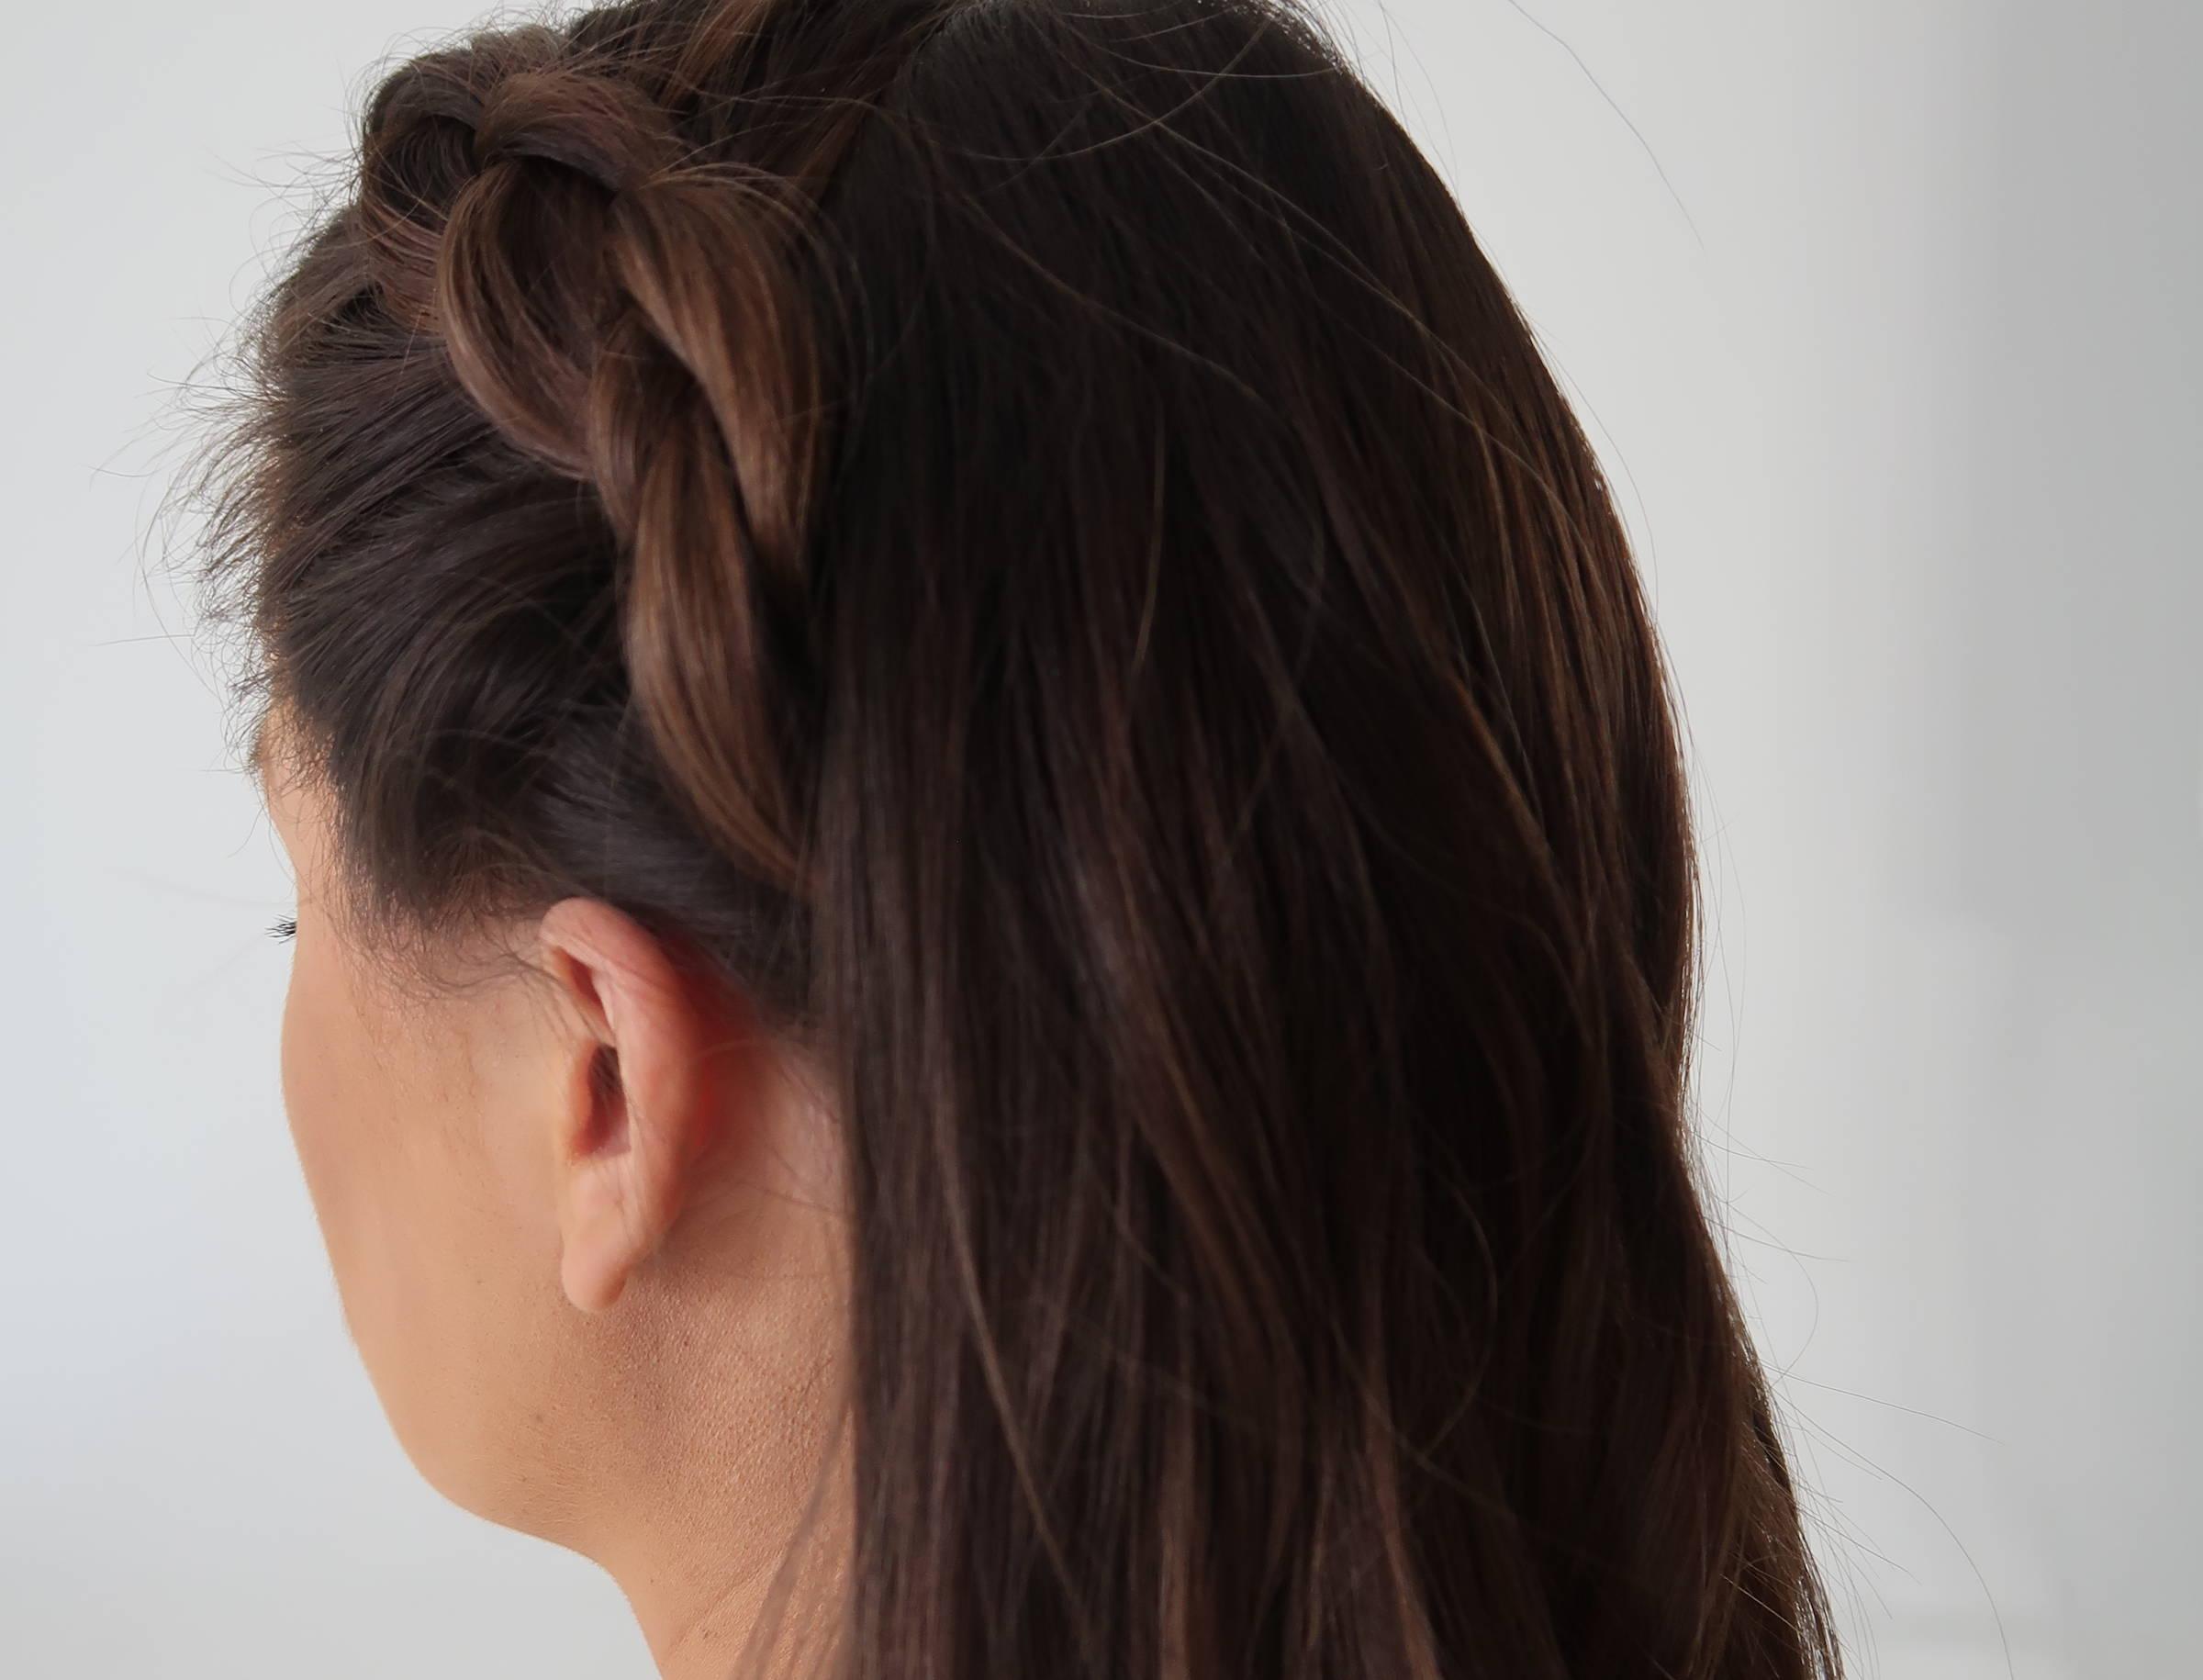 Davines side braid summer hair ideas